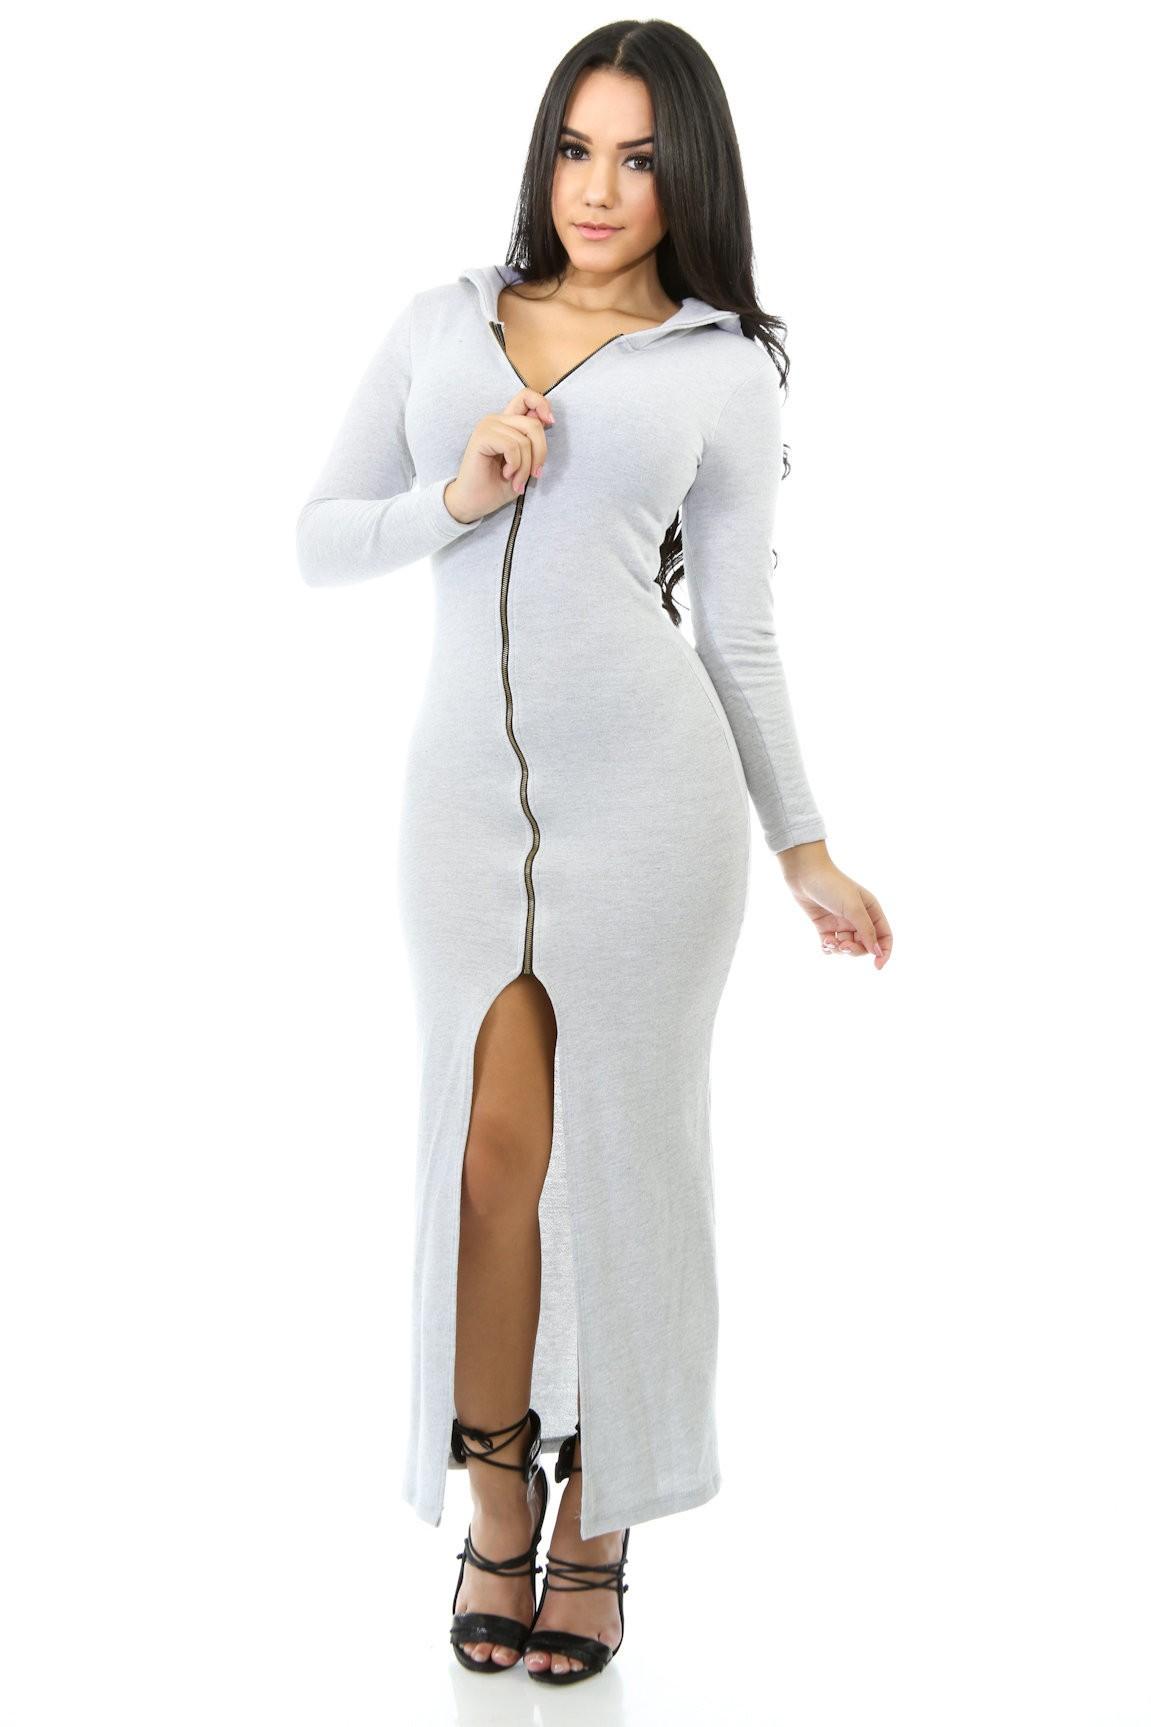 Hoodie Ways Dress